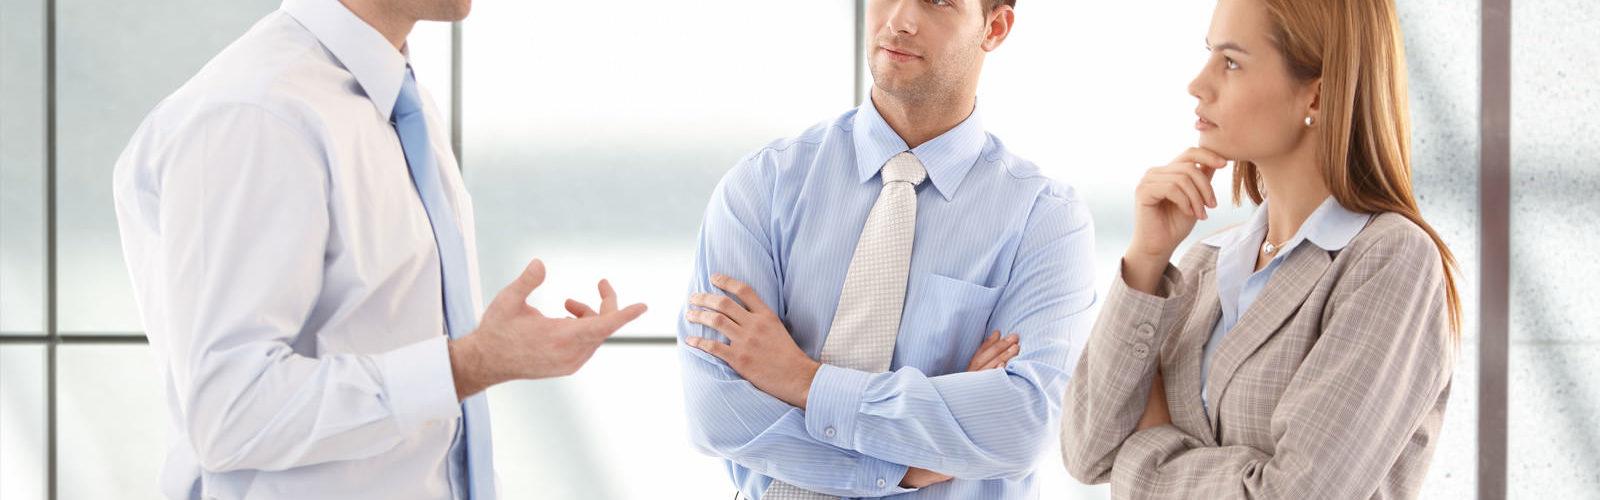 юридические консультации работодателю по трудовому праву